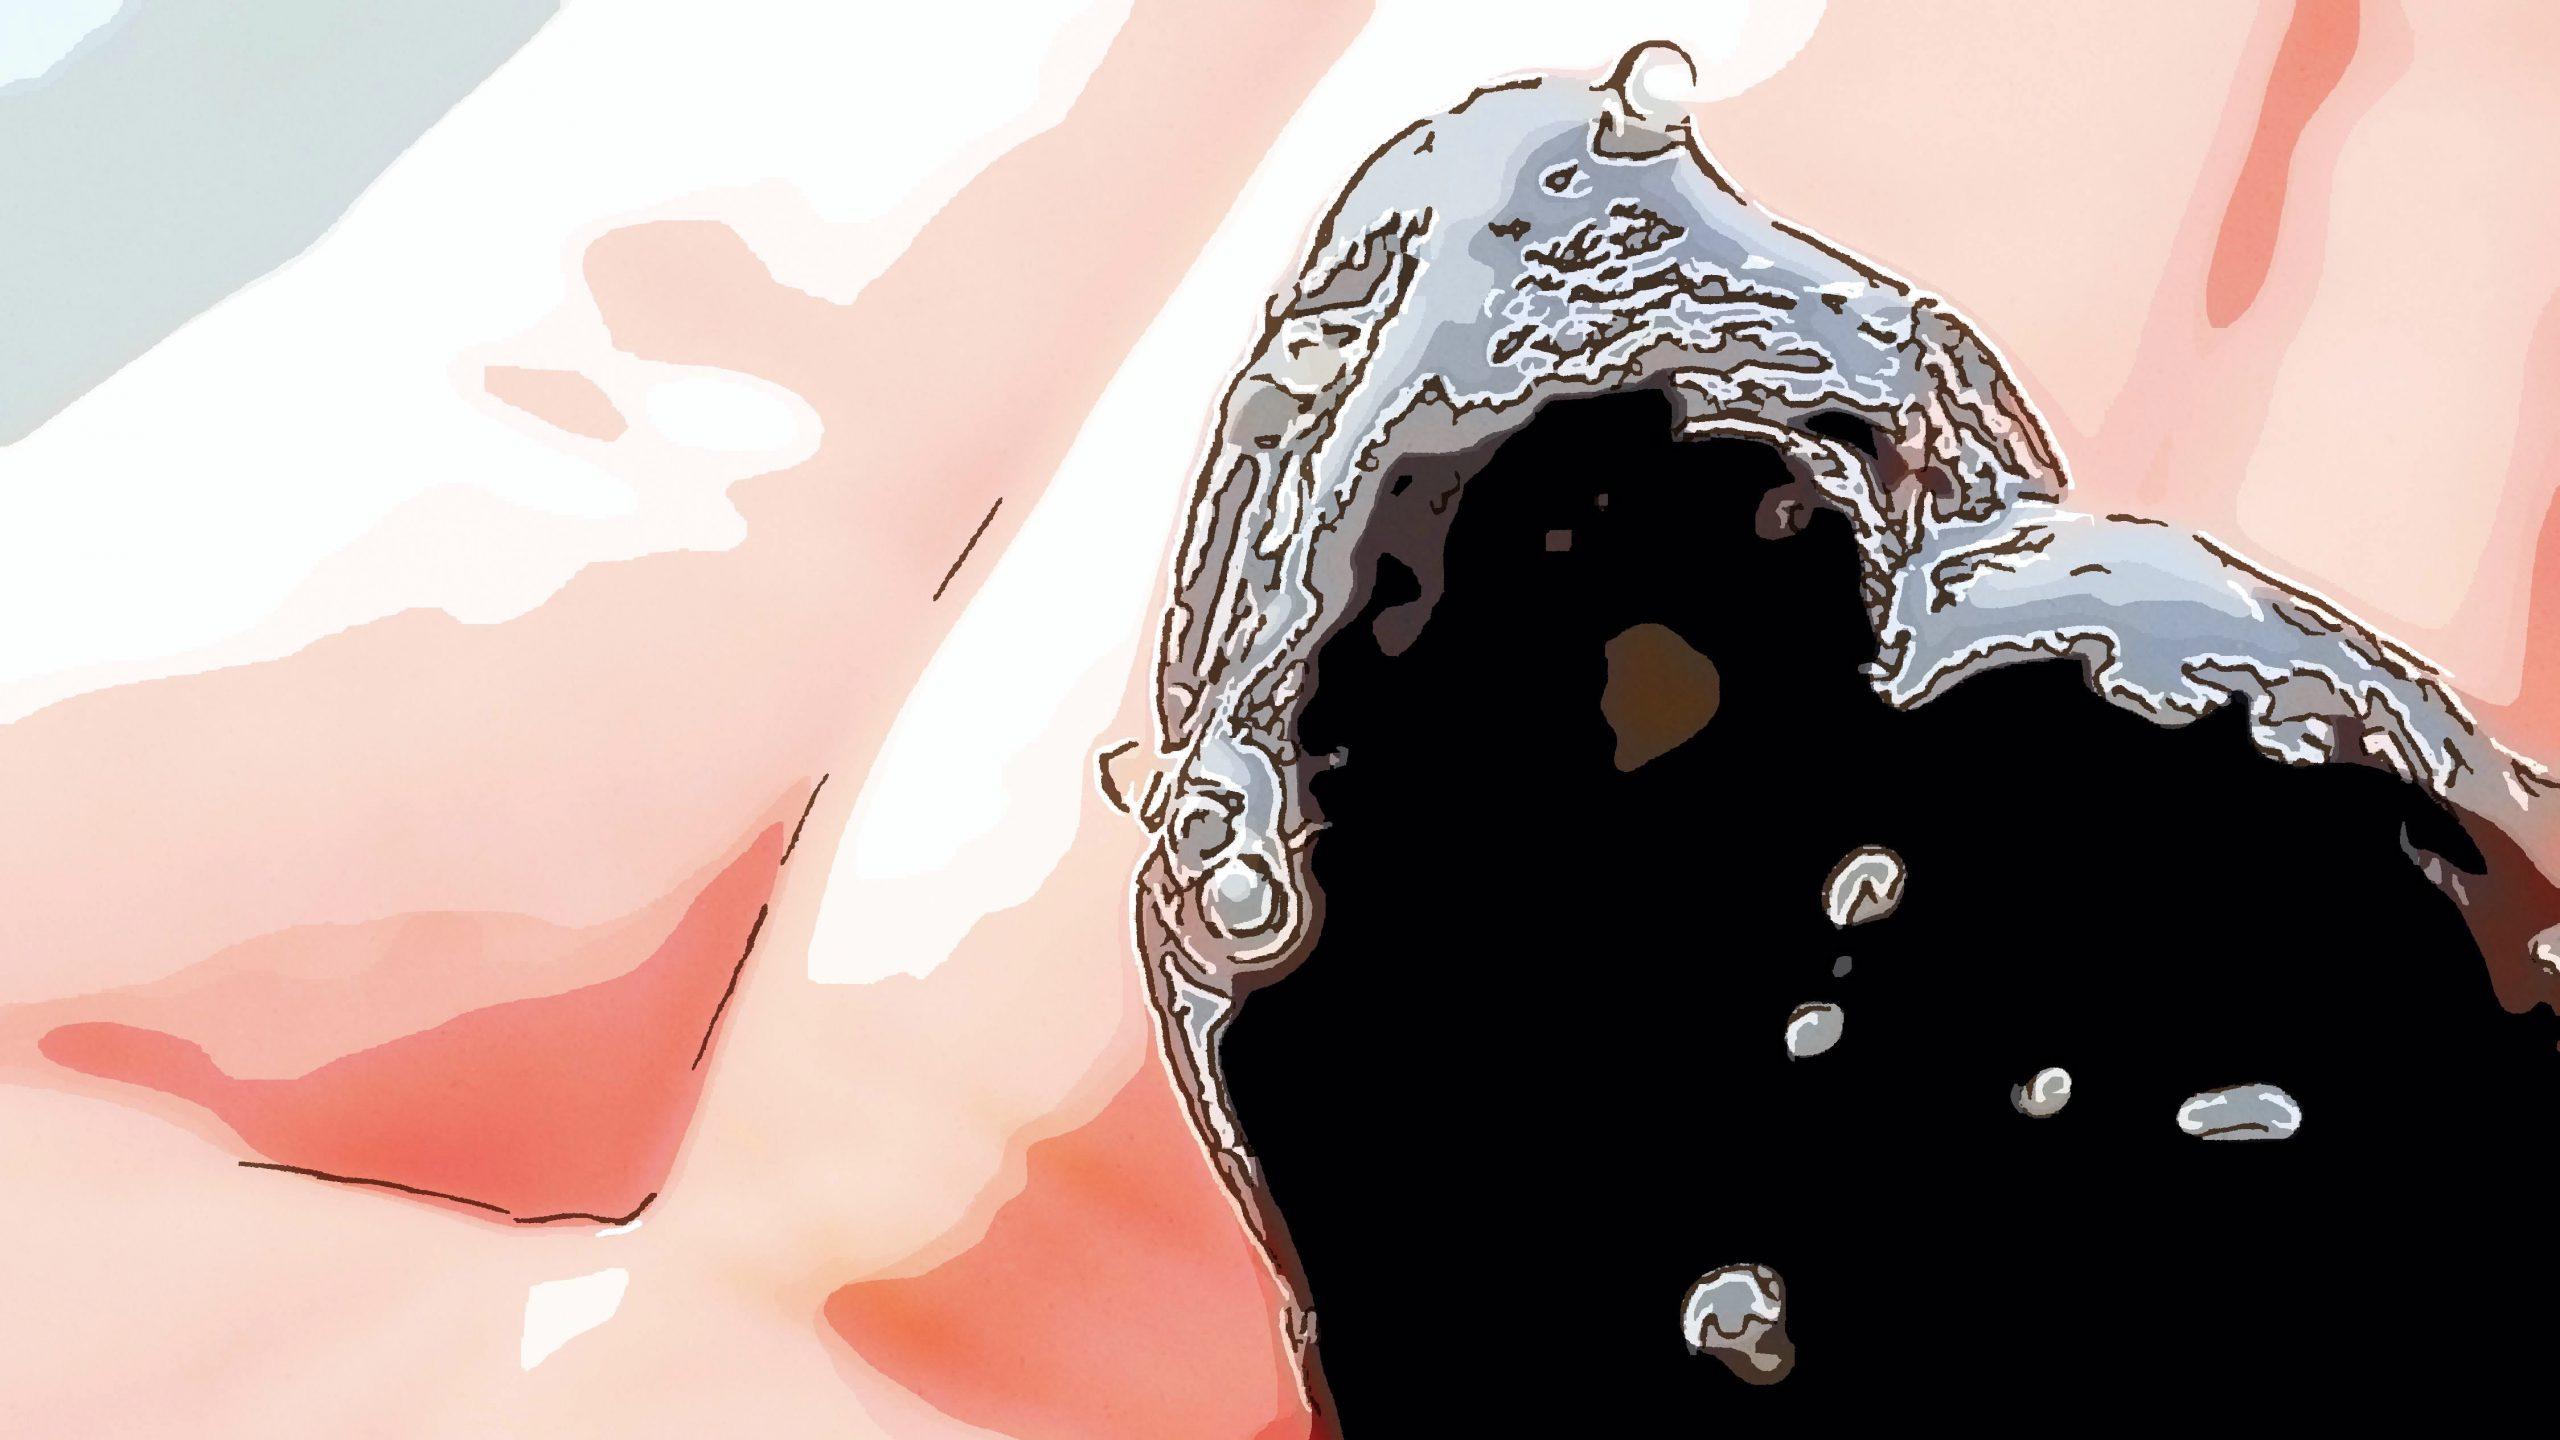 小礫に付着したアユ卵(直径1mm)